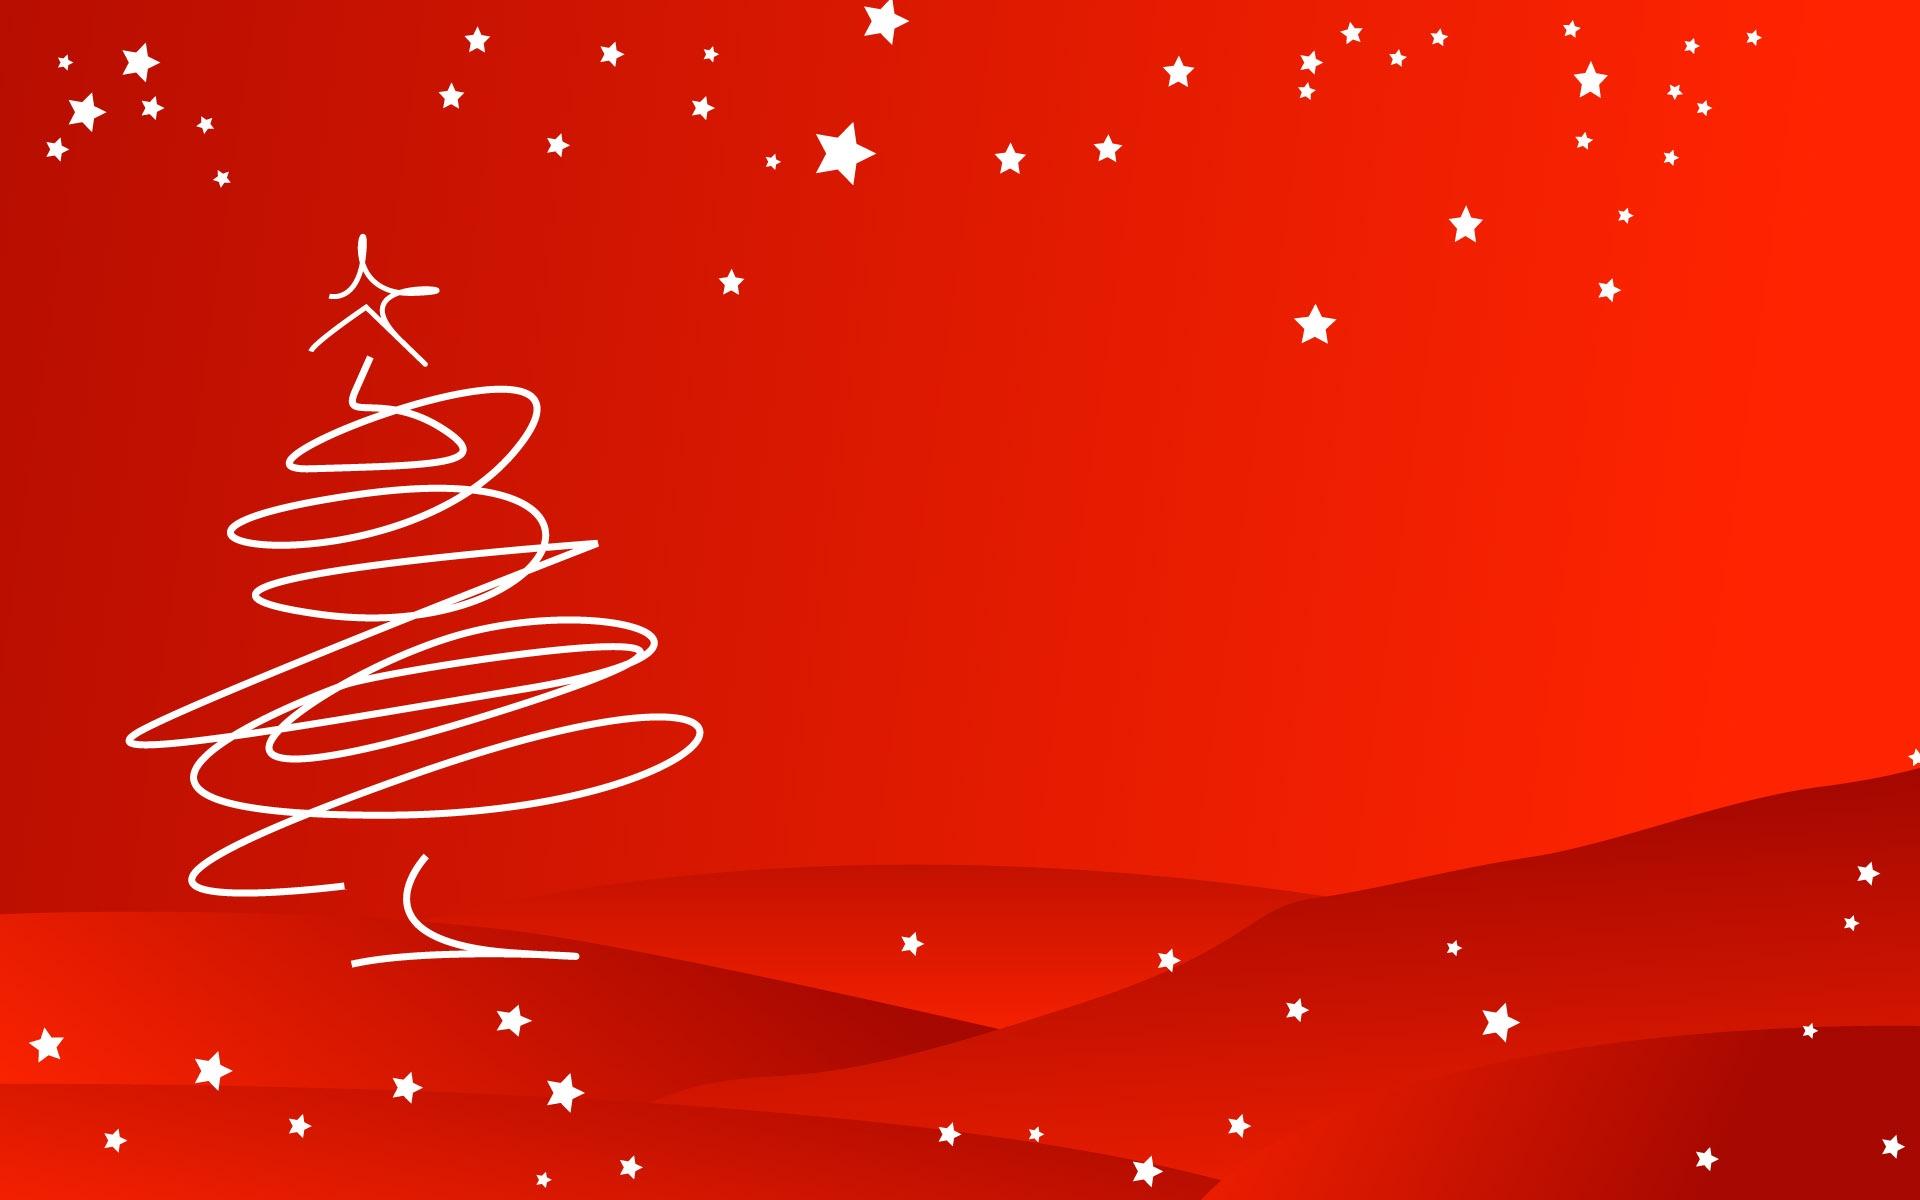 クリスマスをテーマに シンプルなスタイル 木 赤 背景 デスクトップの壁紙 19x10 壁紙をダウンロード Ja Hdwall365 Com